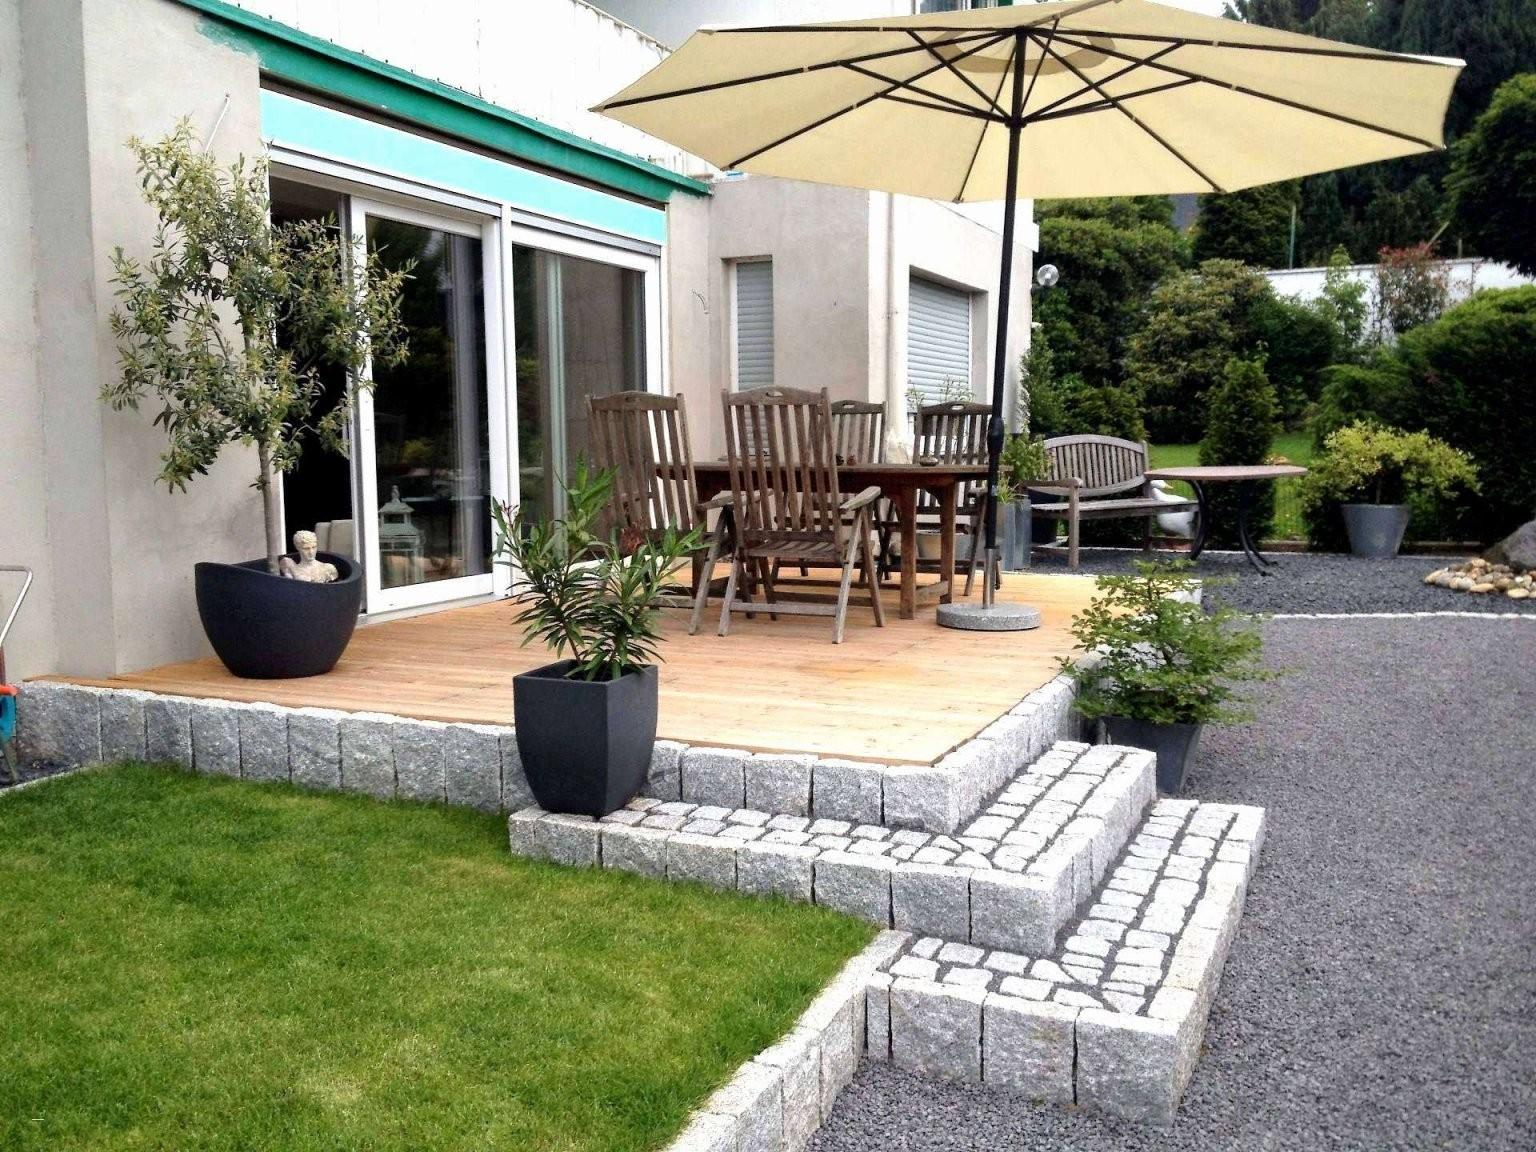 Grillplatz Im Garten Selber Bauen Genial Deko Terrasse Terrasse Deko von Feuerstelle Terrasse Selber Bauen Bild